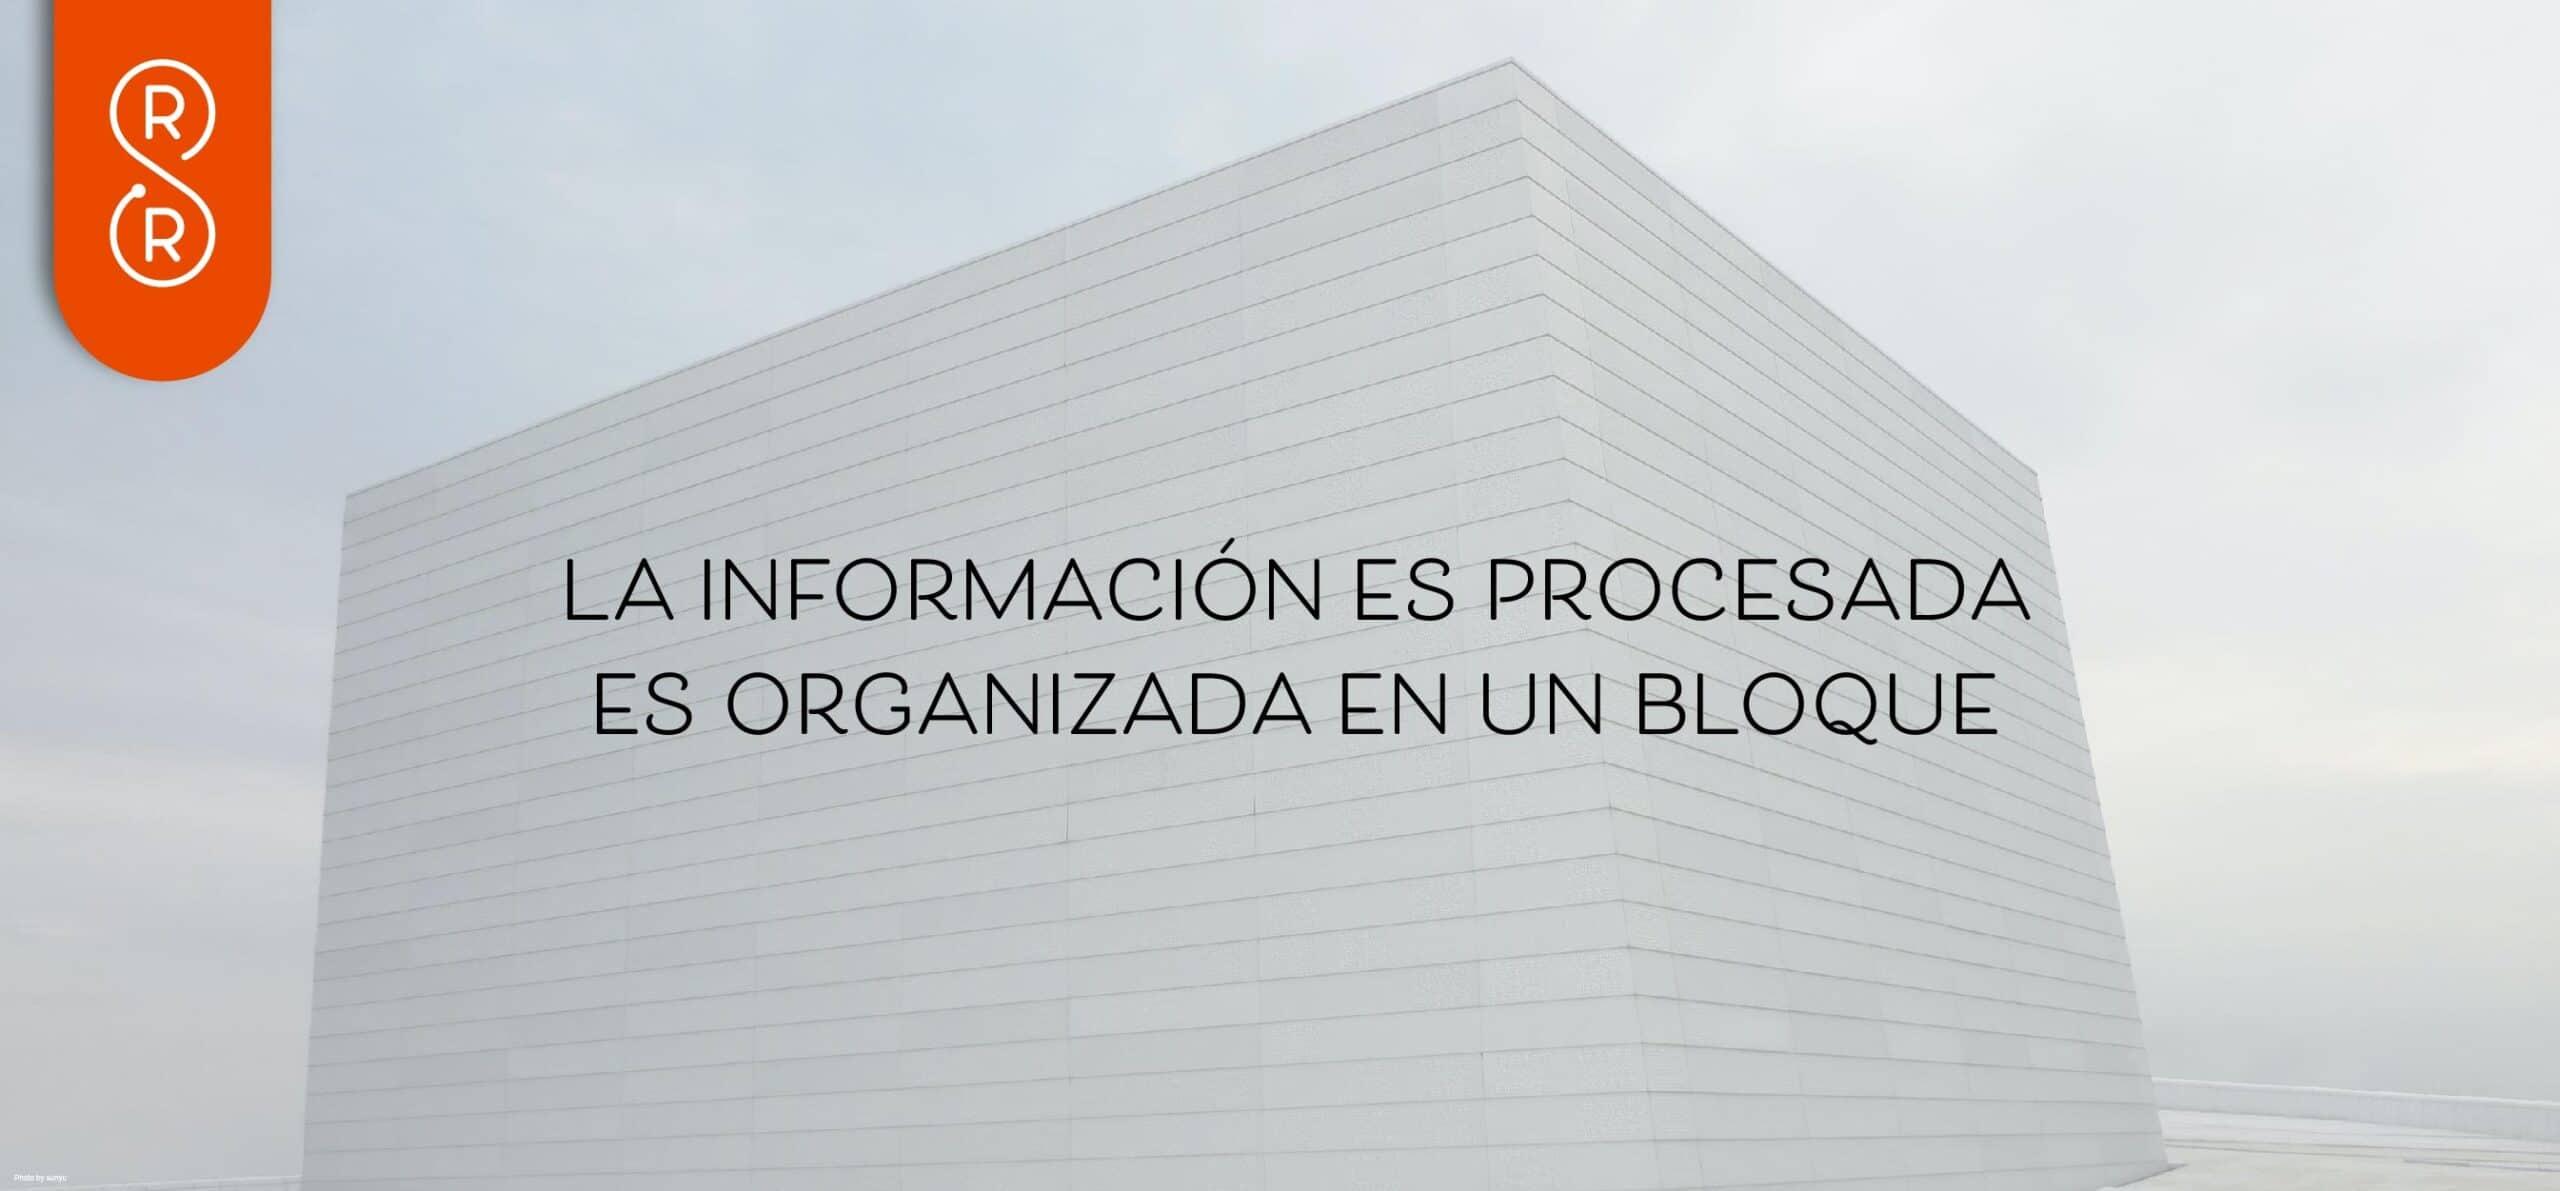 información es procesada en bloques